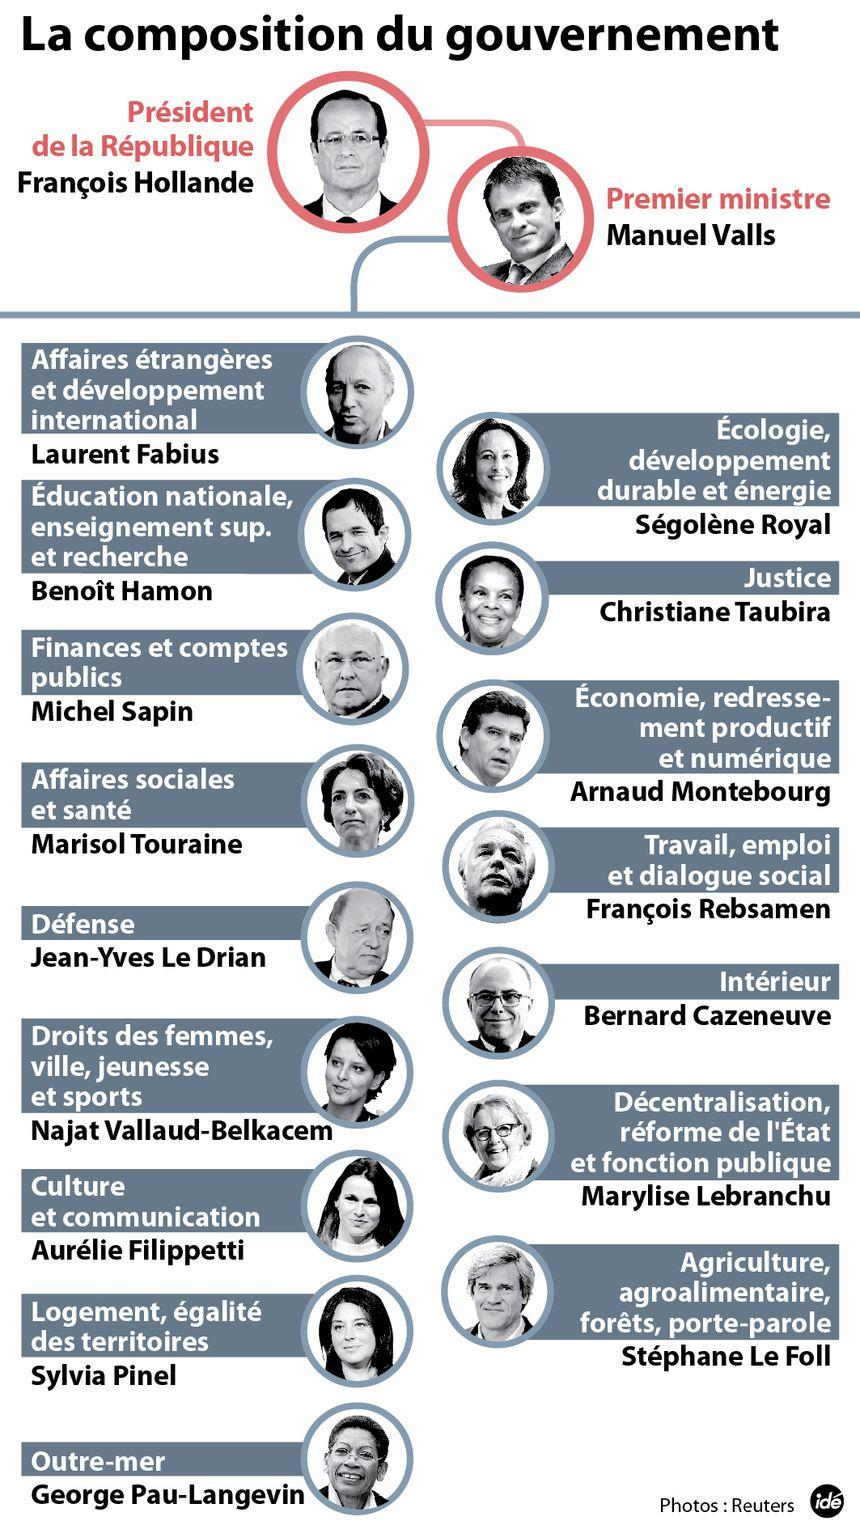 Le gouvernement Valls